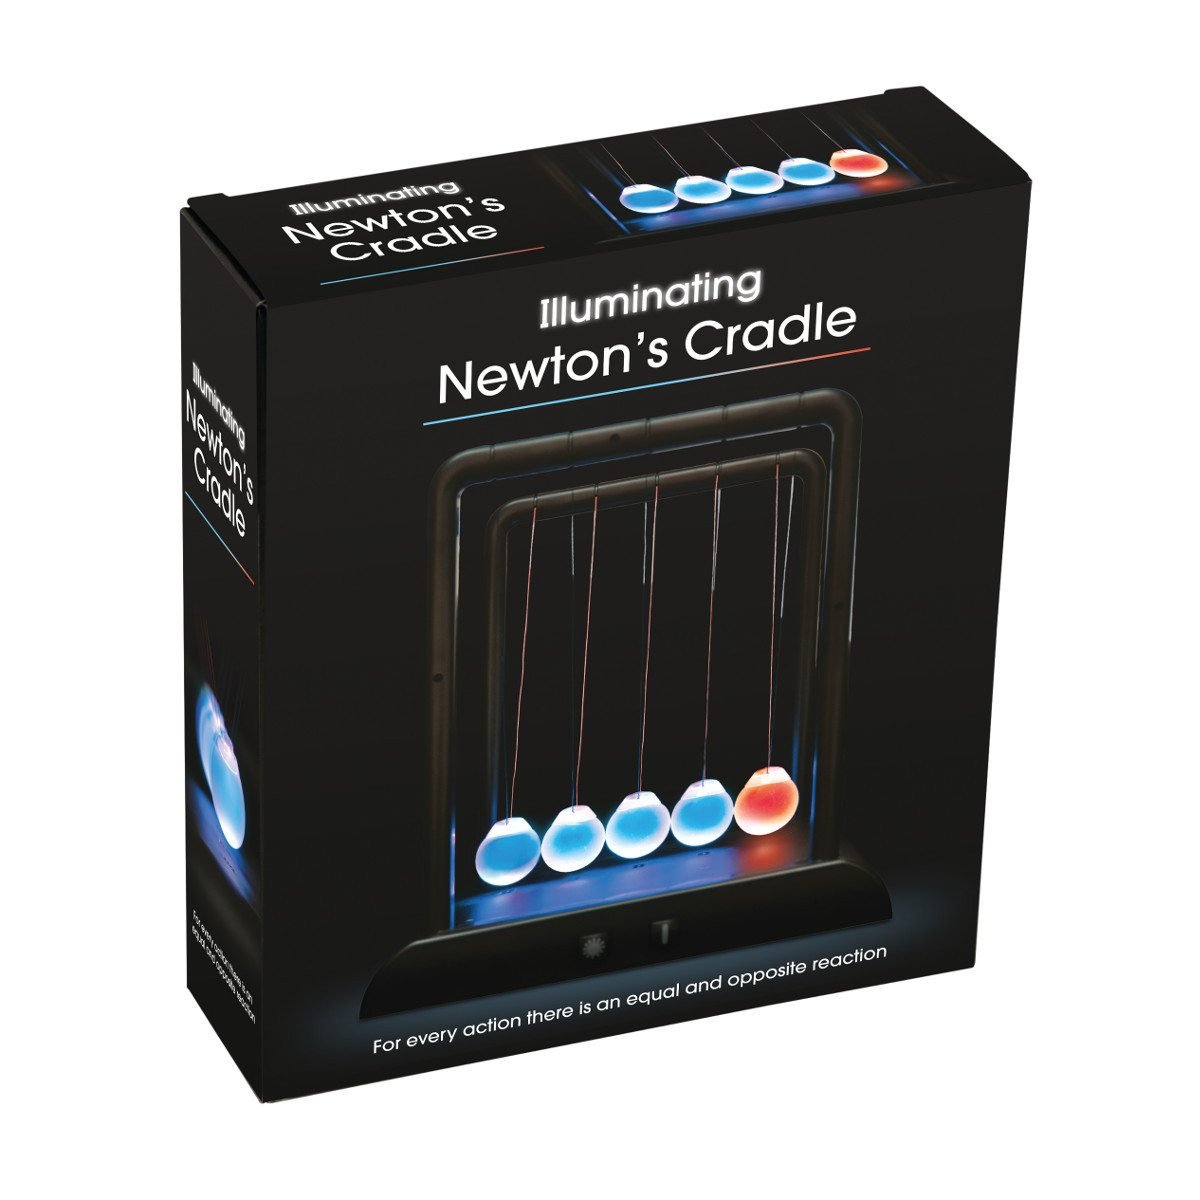 Newtons vugge med LED-lys